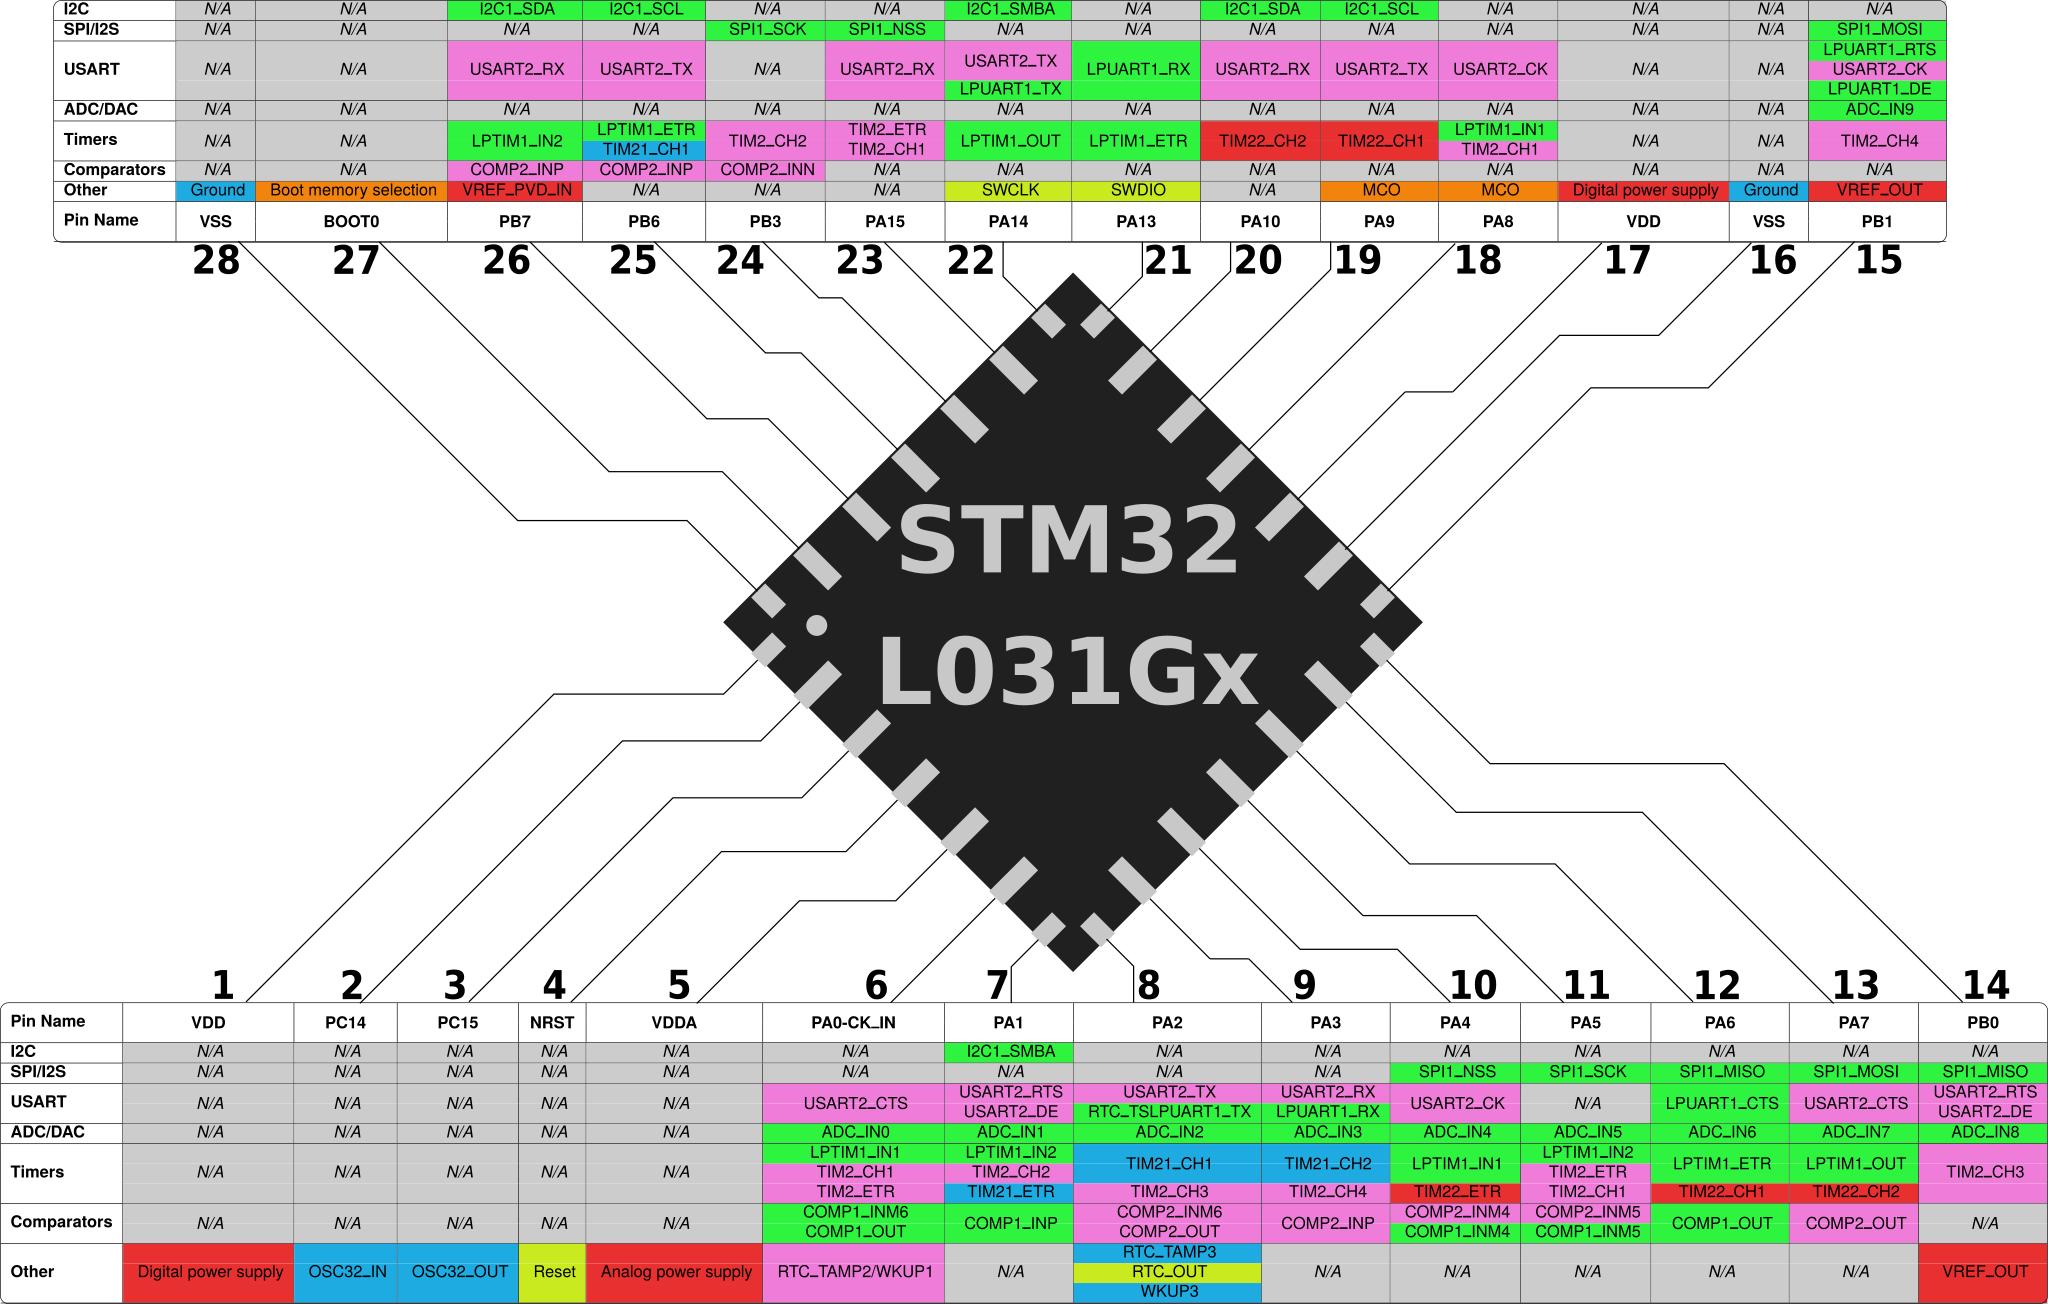 STM32L031Gx Pinout